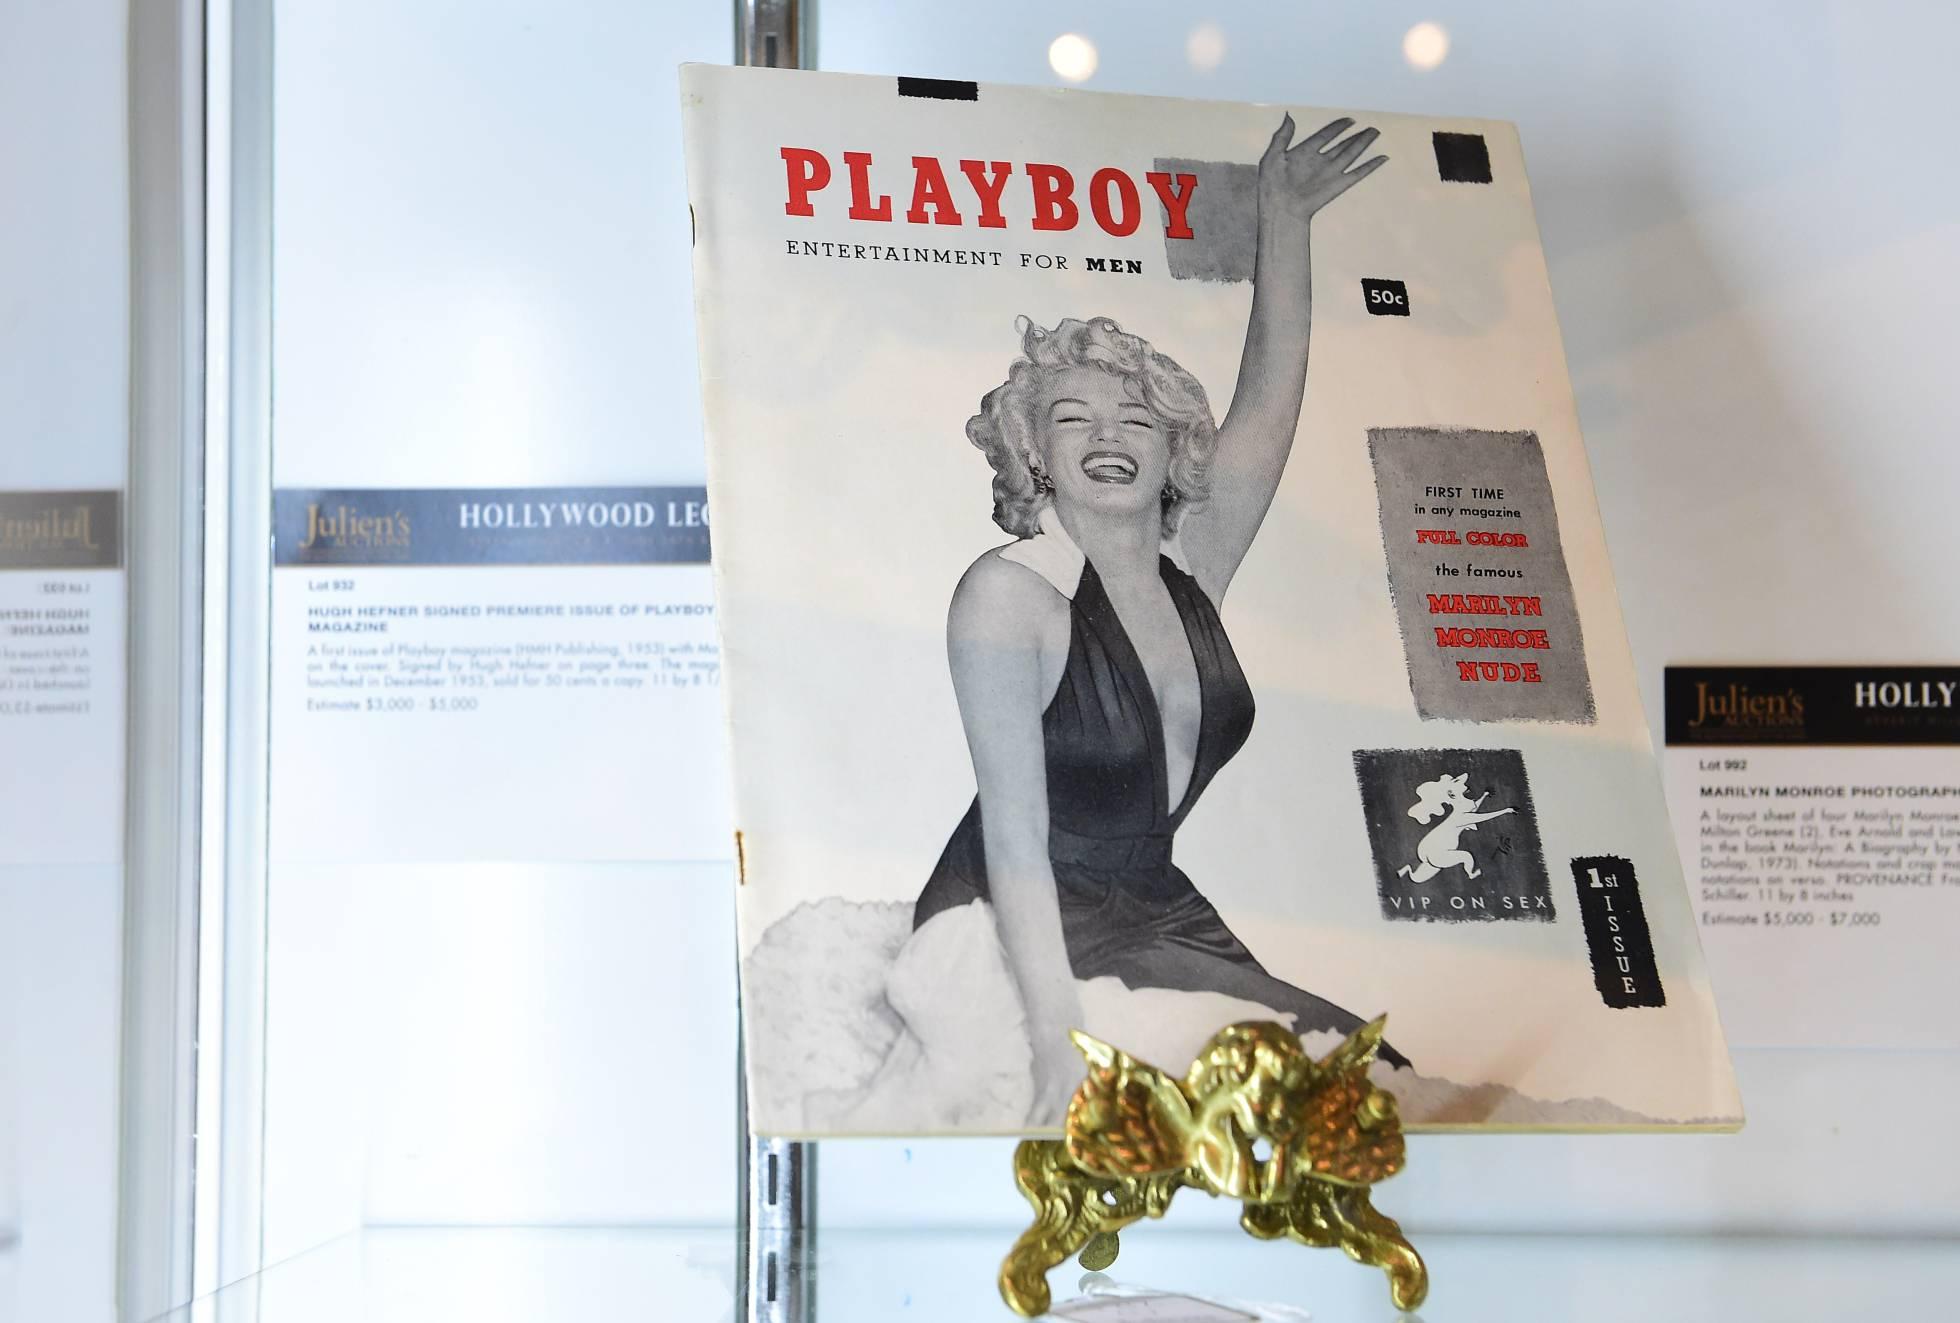 A primeira edição da revista 'Playboy', 1953, apresentava uma Monroe nua nos seus dobrados centrais.'Playboy', de 1953, llevaba un desnudo de Monroe en sus páginas centrales.